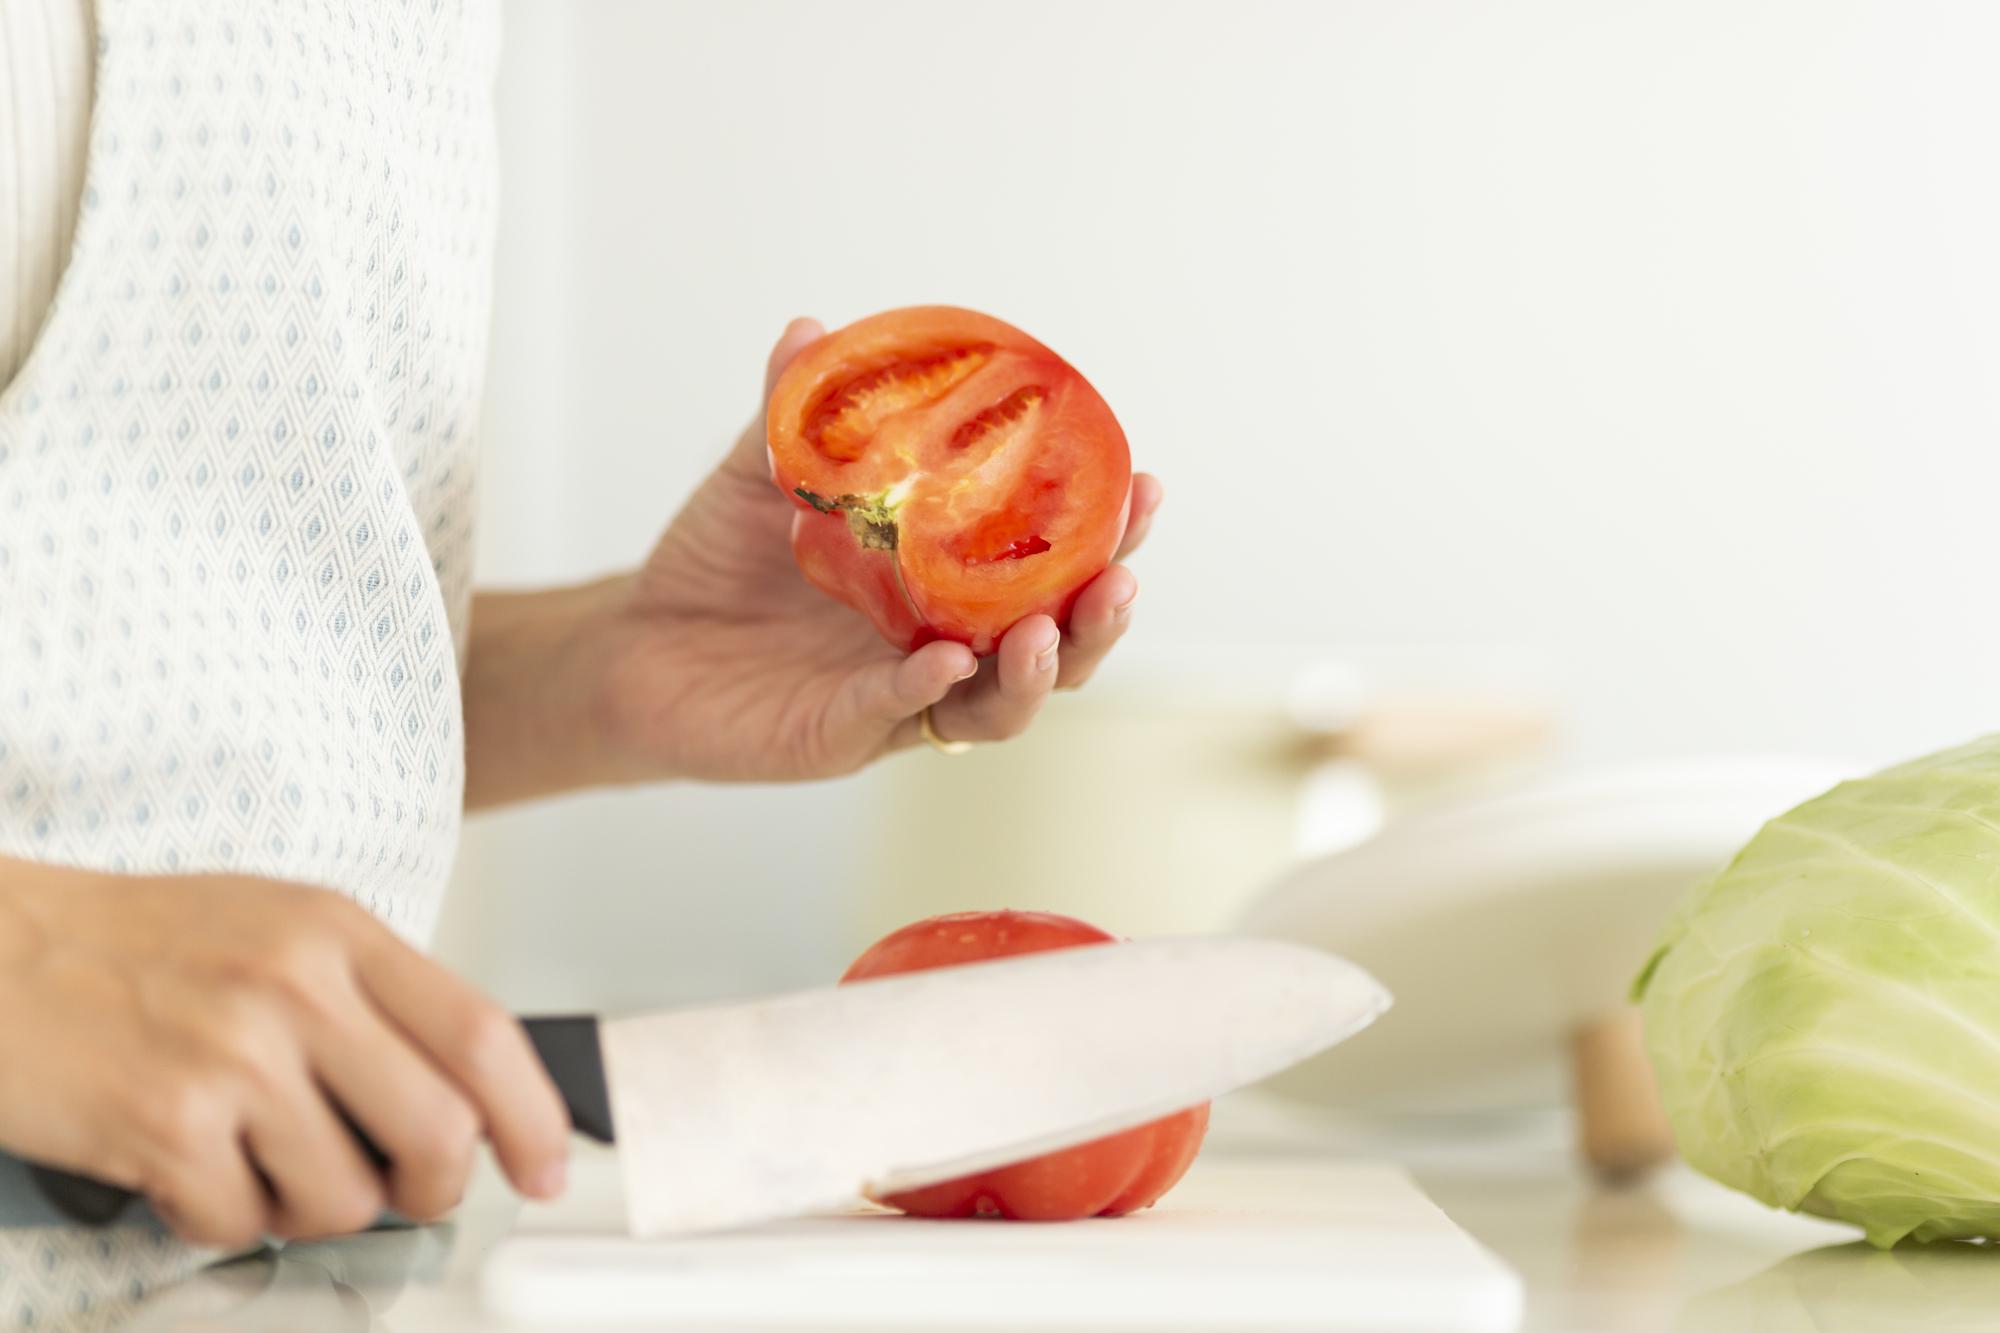 食材の切り方で栄養アップ! トマト、玉ねぎ、鶏むね肉の「いい調理法」は?【2019年まとめ】